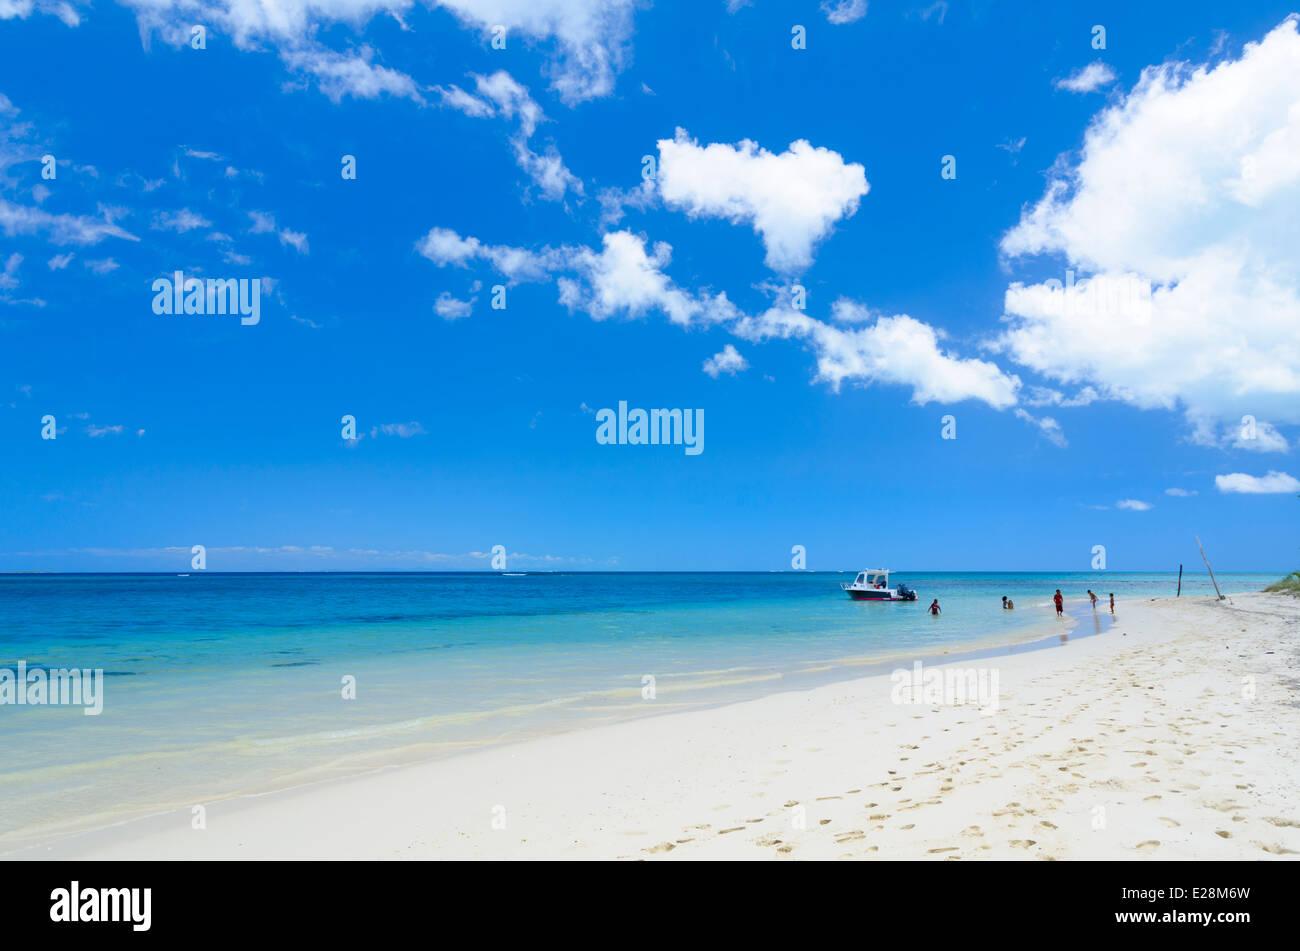 Paradise: Perfect plage tropicale avec bleu de la mer / océan et ciel bleu Photo Stock